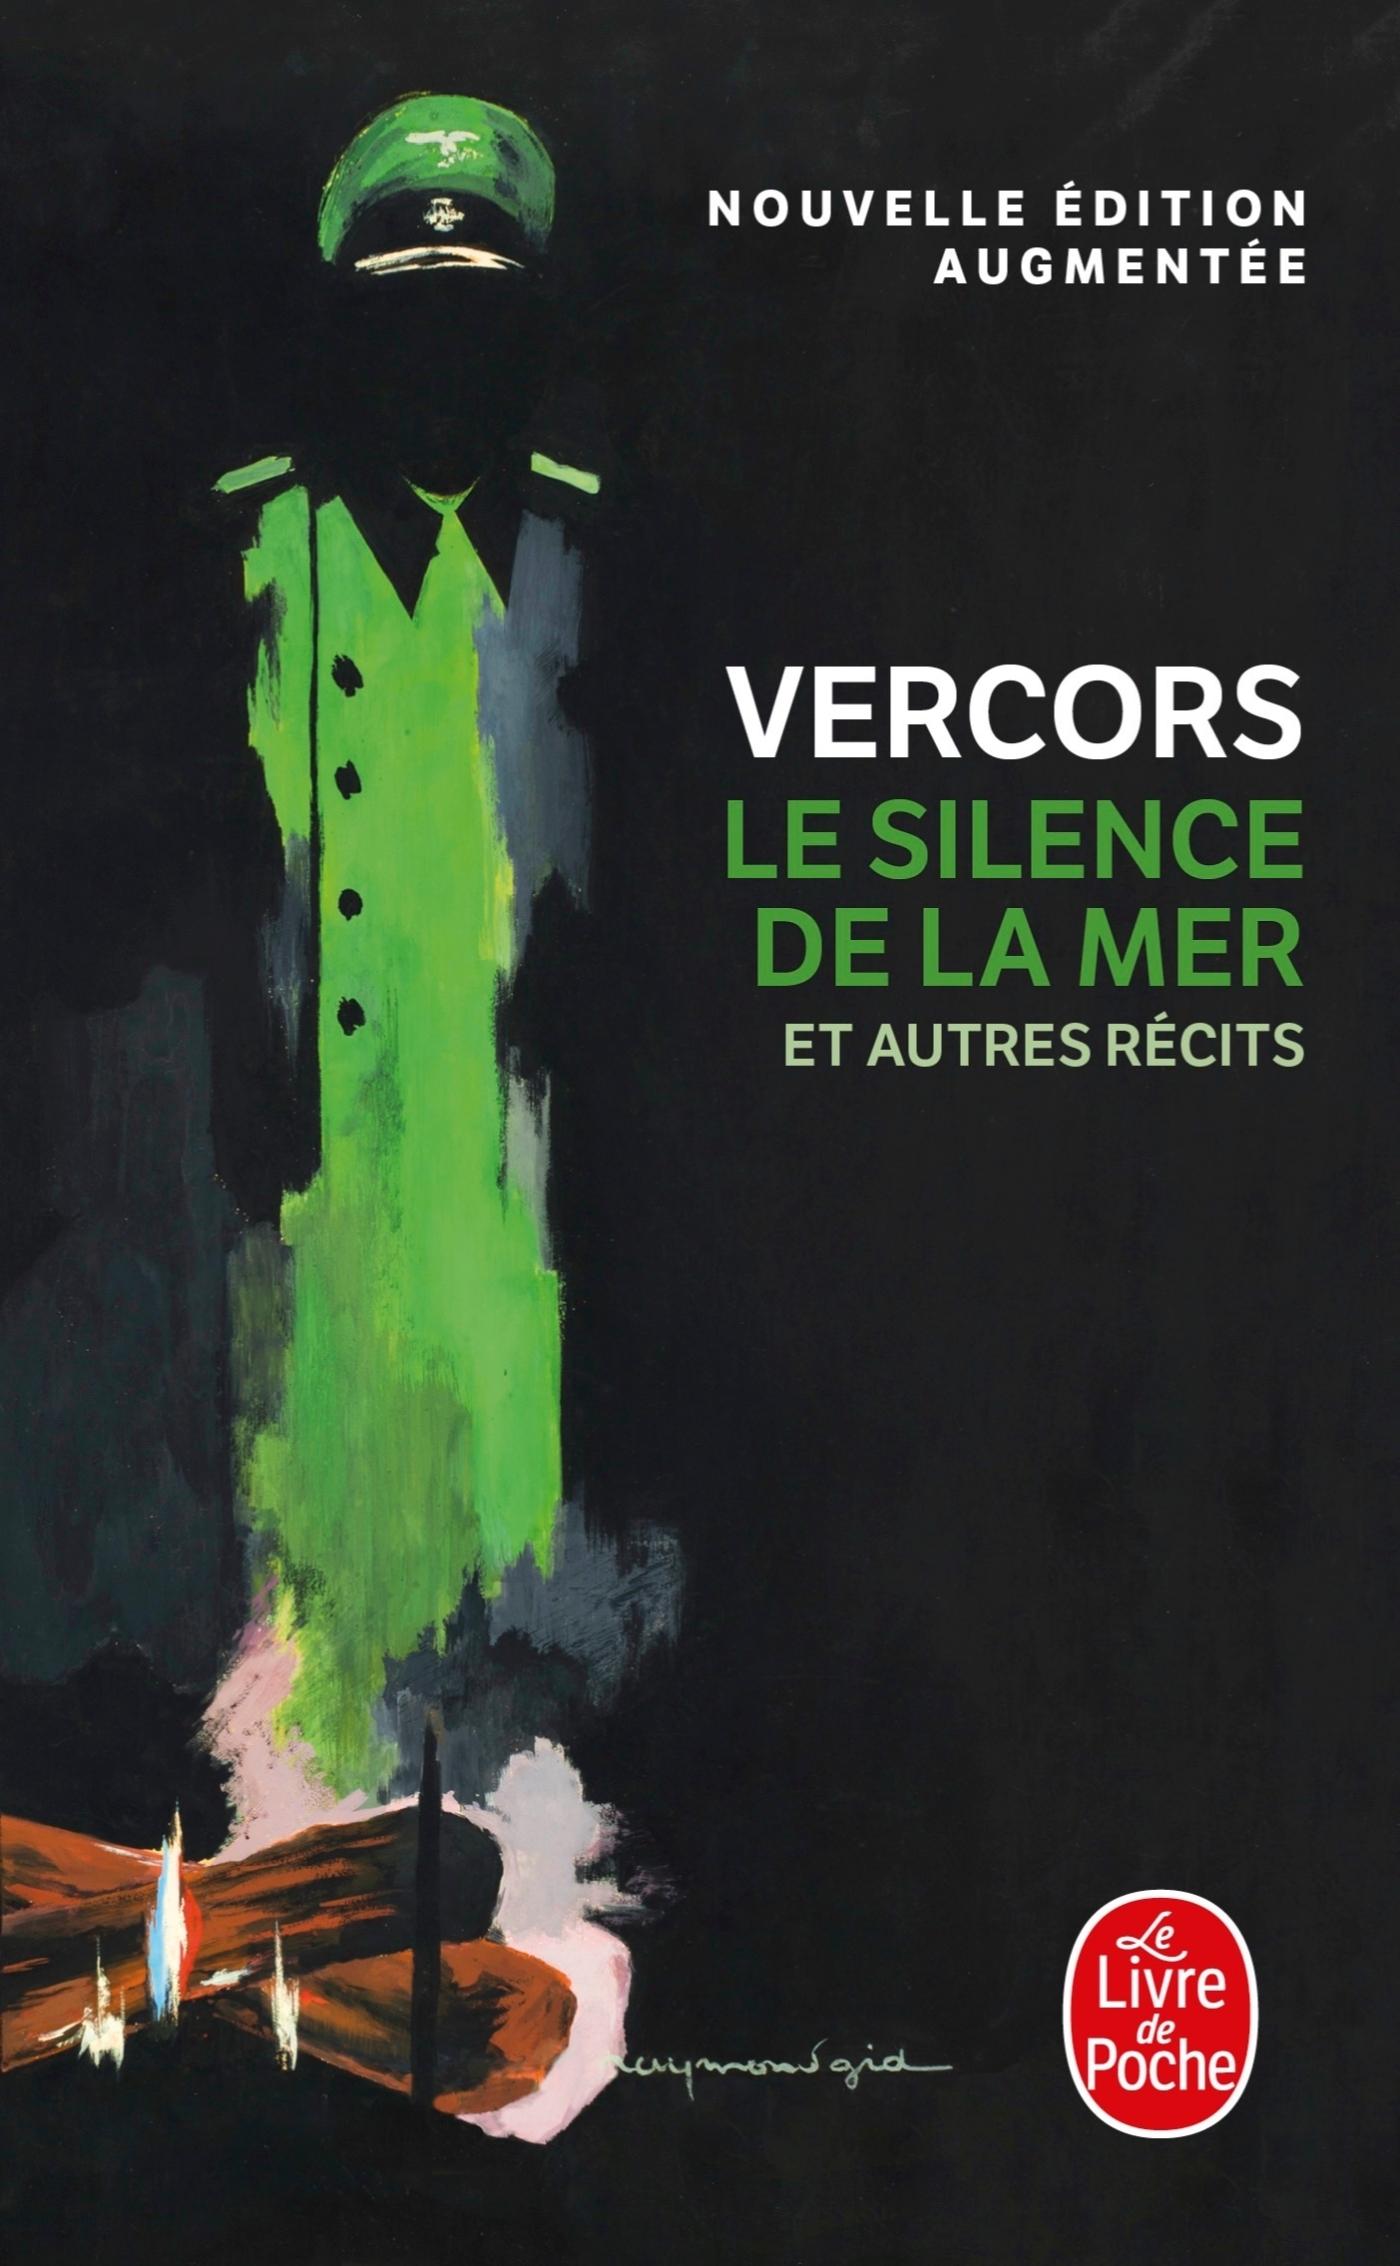 LE SILENCE DE LA MER (NOUVELLE EDITION)